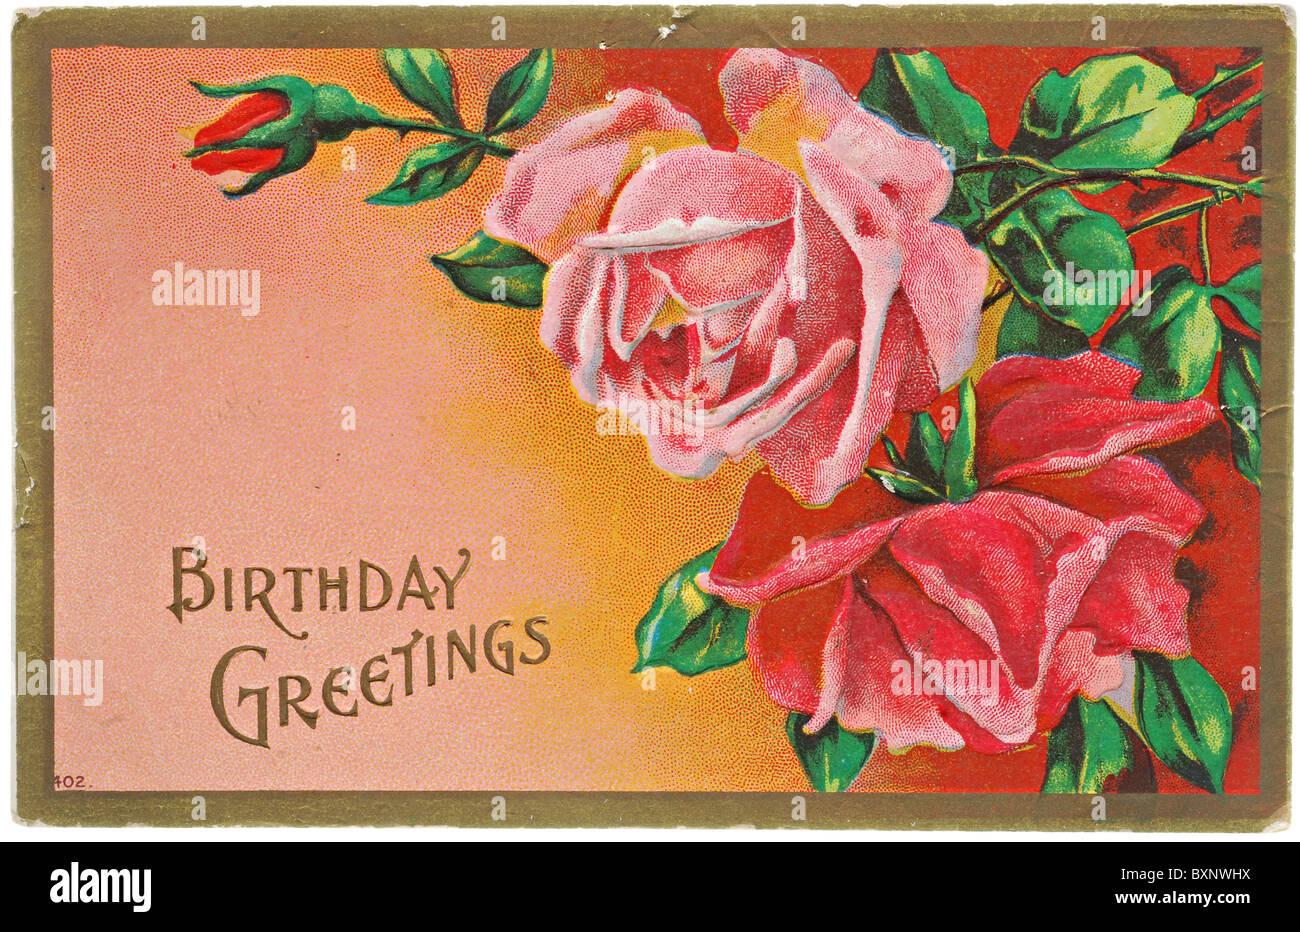 Vintage Gli Auguri Di Buon Compleanno Cartolina Con Rose Rosse Foto